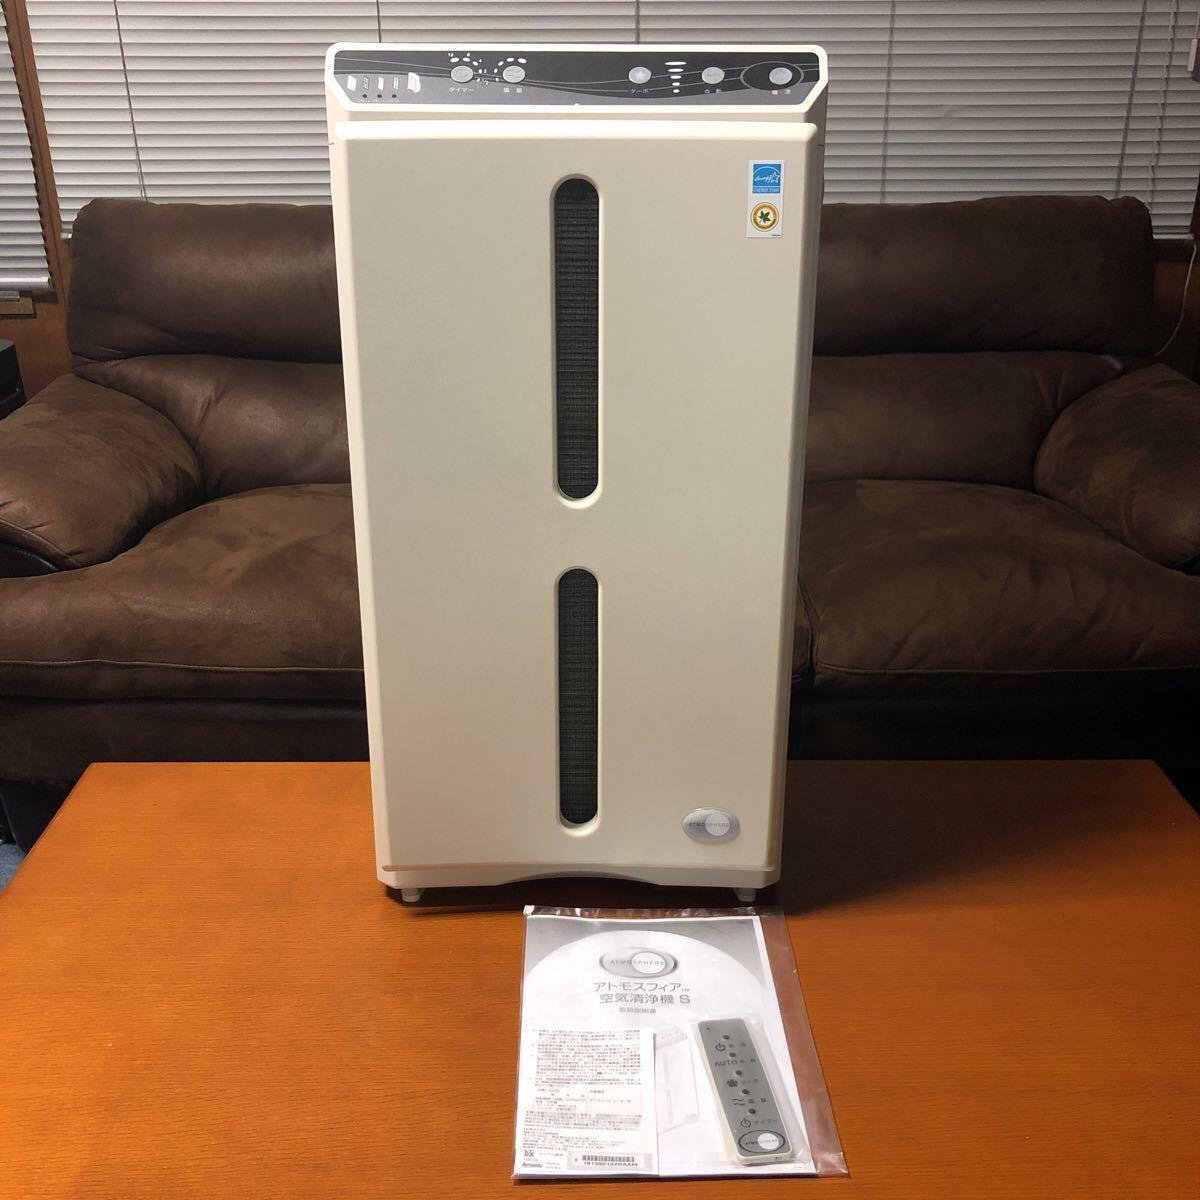 2018年製 未使用 美品 Amway アムウェイ アトモスフィア 空気清浄機 S 101076J 未開封 取扱説明書 リモコン付き